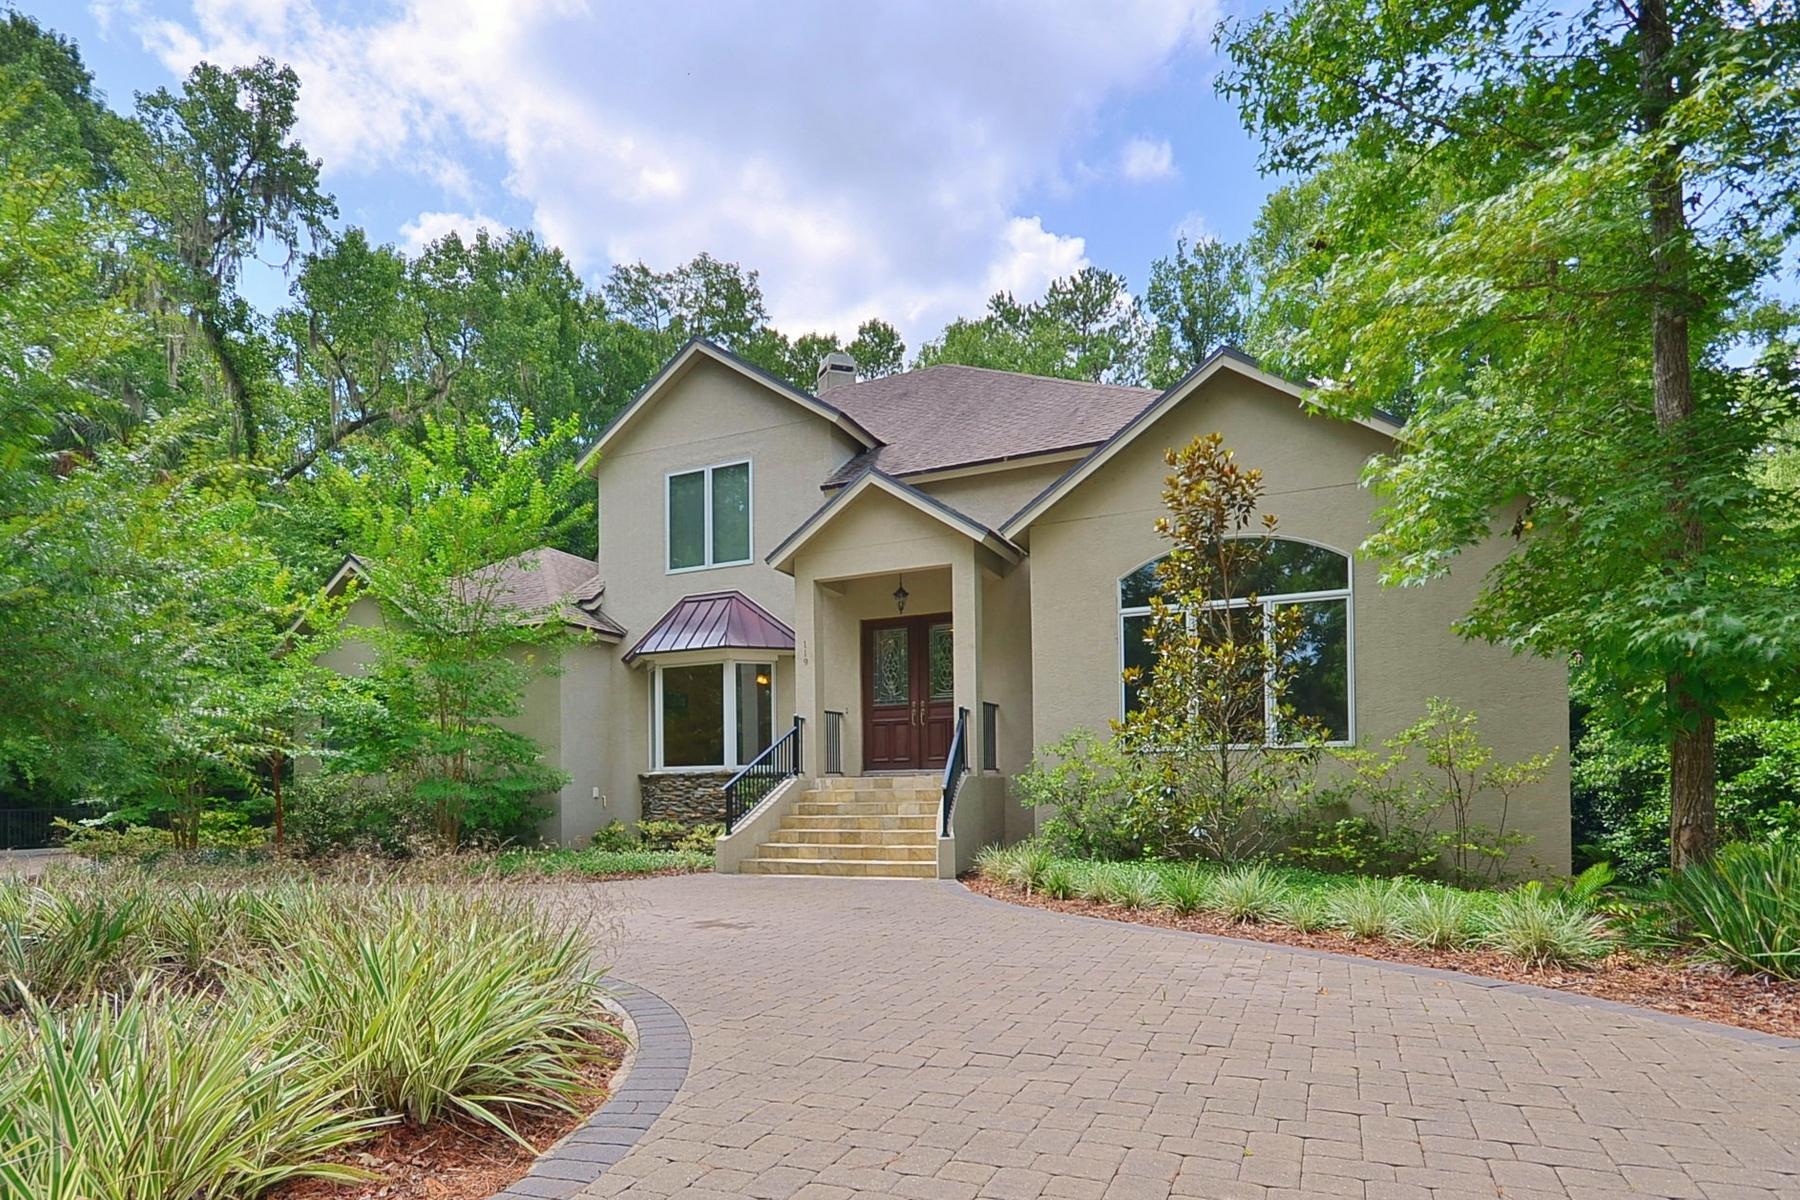 Einfamilienhaus für Verkauf beim ORLANDO - LONGWOOD 119 Wisteria Dr Longwood, Florida 32779 Vereinigte Staaten